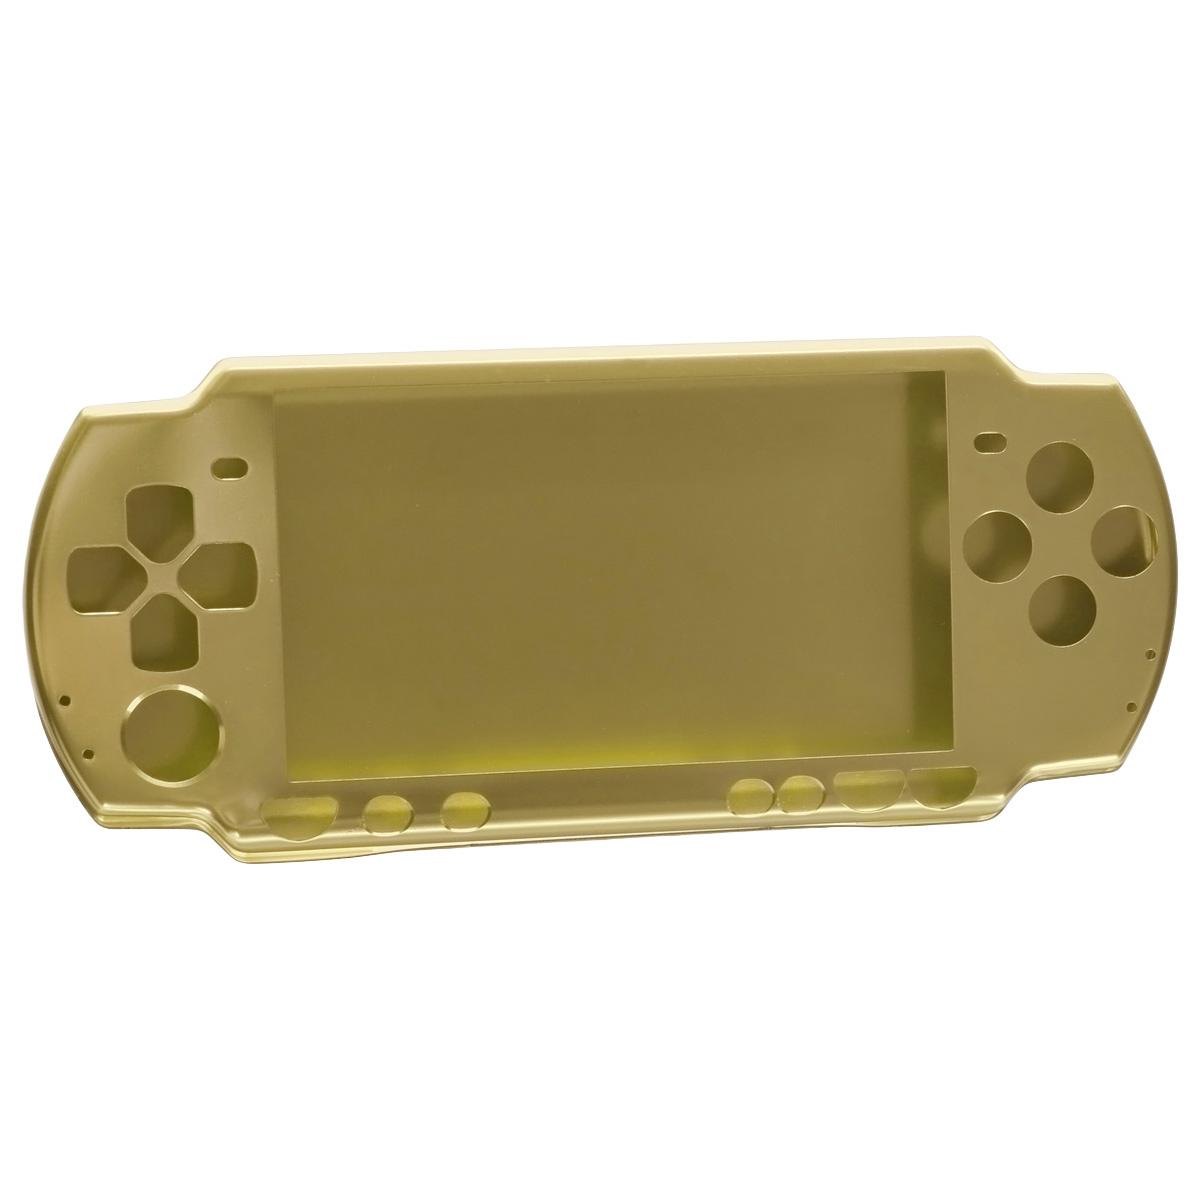 Алюминиевый защитный корпус Game Guru для Sony PSP 2000/3000 (золотой)